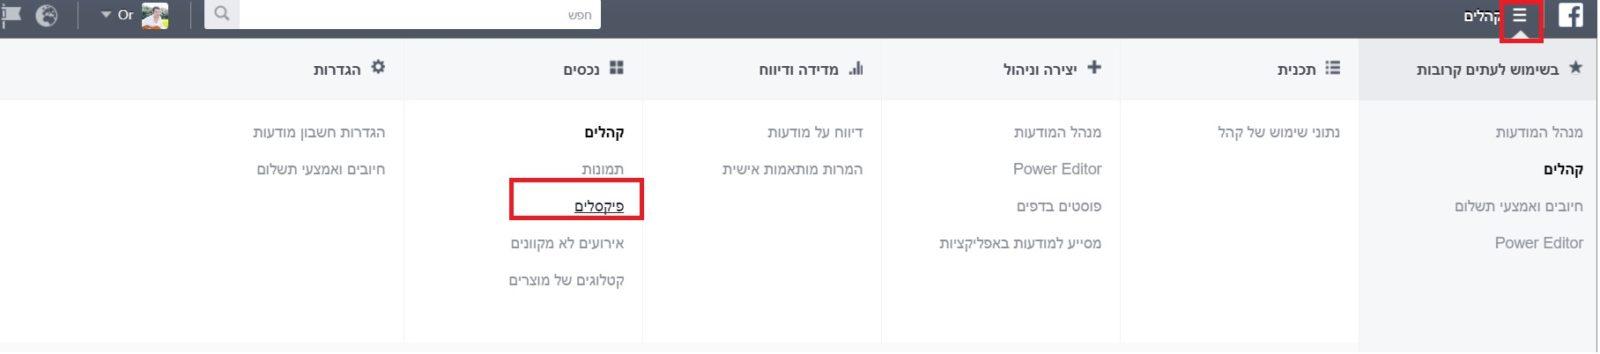 ככה תוכלו לפרסם לאנשים שביקרו באתר שלכם עם הקוד פיקסל של פייסבוק